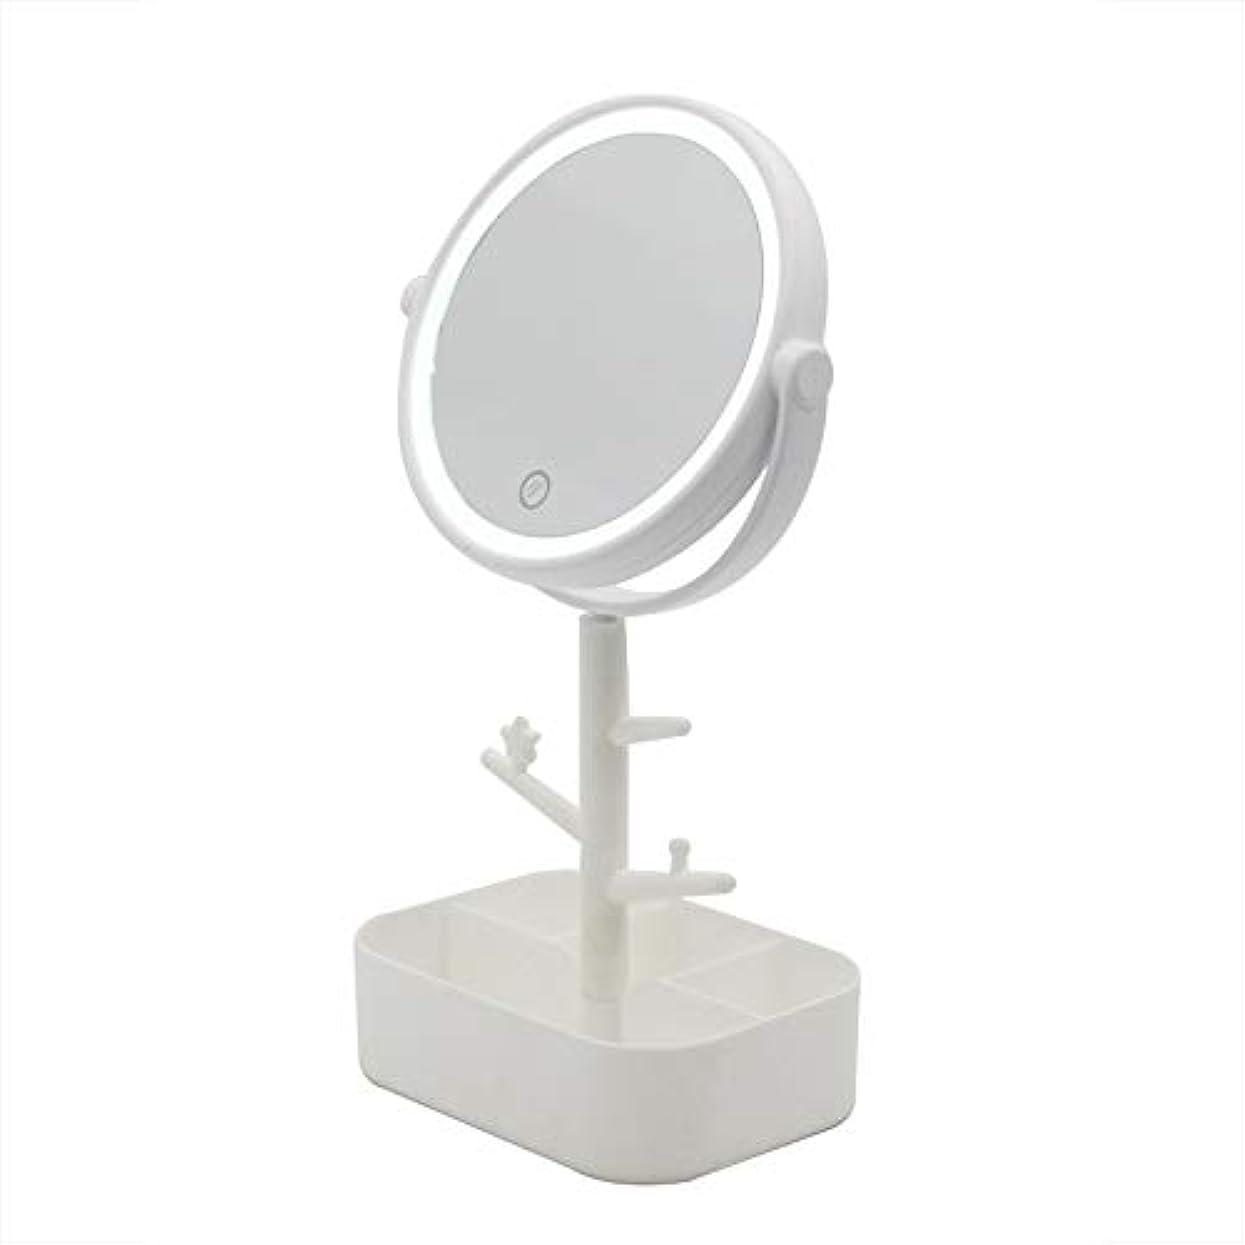 懇願する出演者カメLecone LED化粧鏡 女優ミラー 卓上ミラー 360度調整可能 スタンドミラー LEDライト メイク 化粧道具 円型 収納ケース 可収納 USB給電 (ホワイト)